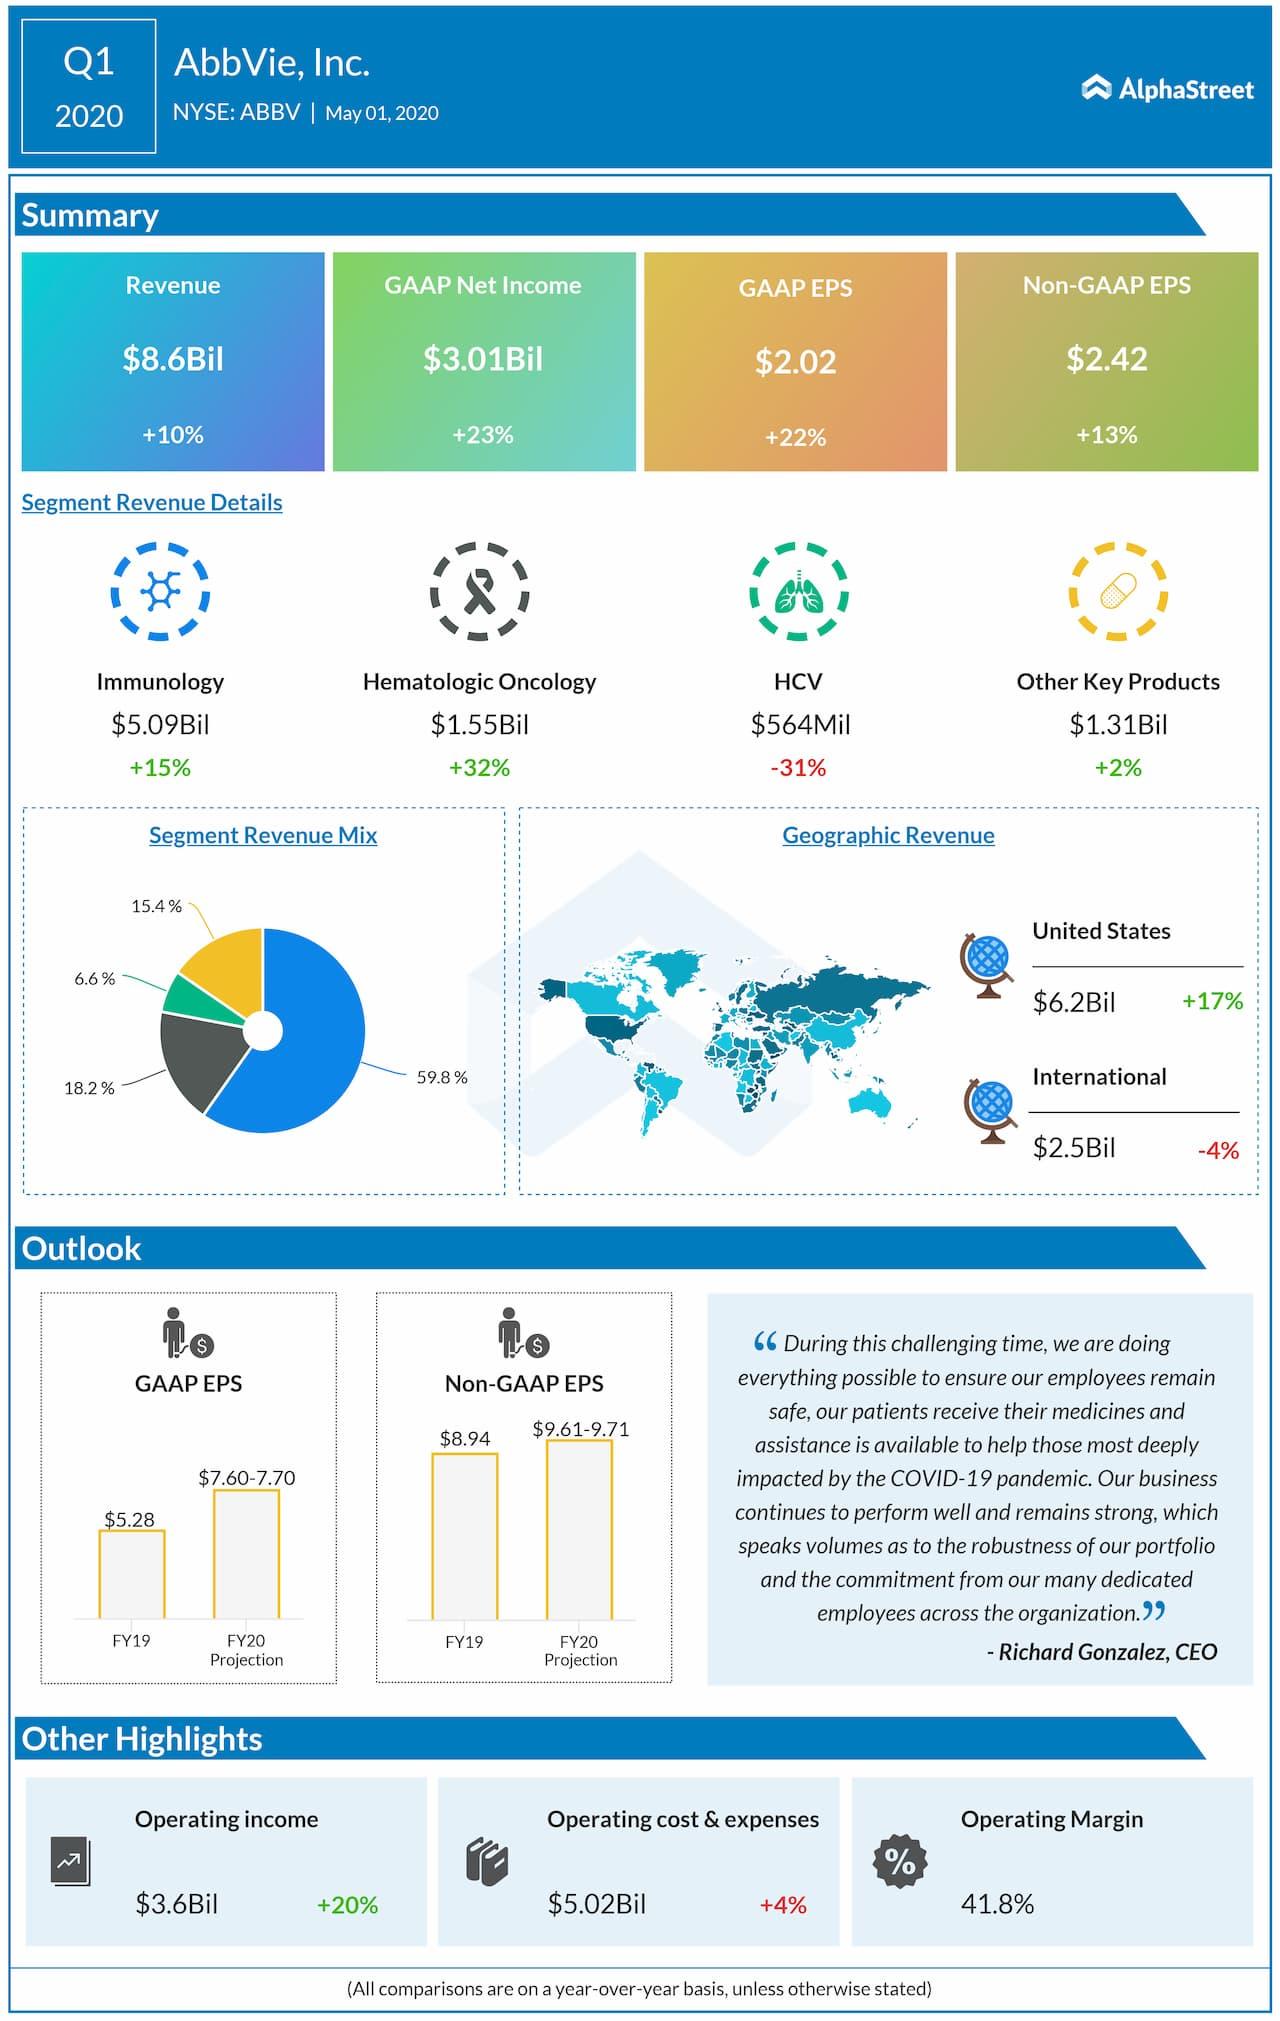 AbbVie (ABBV) Q1 2020 earnings review